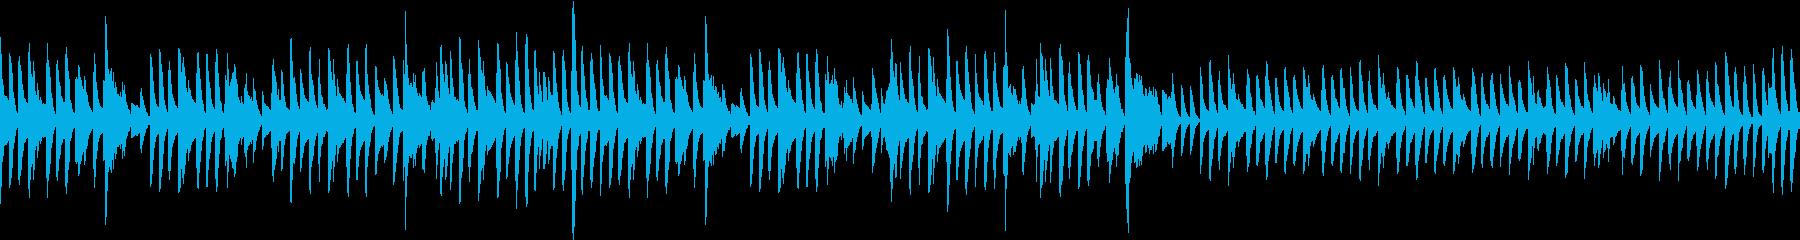 晴れた日の散歩道2(ピアノ/ループ)の再生済みの波形